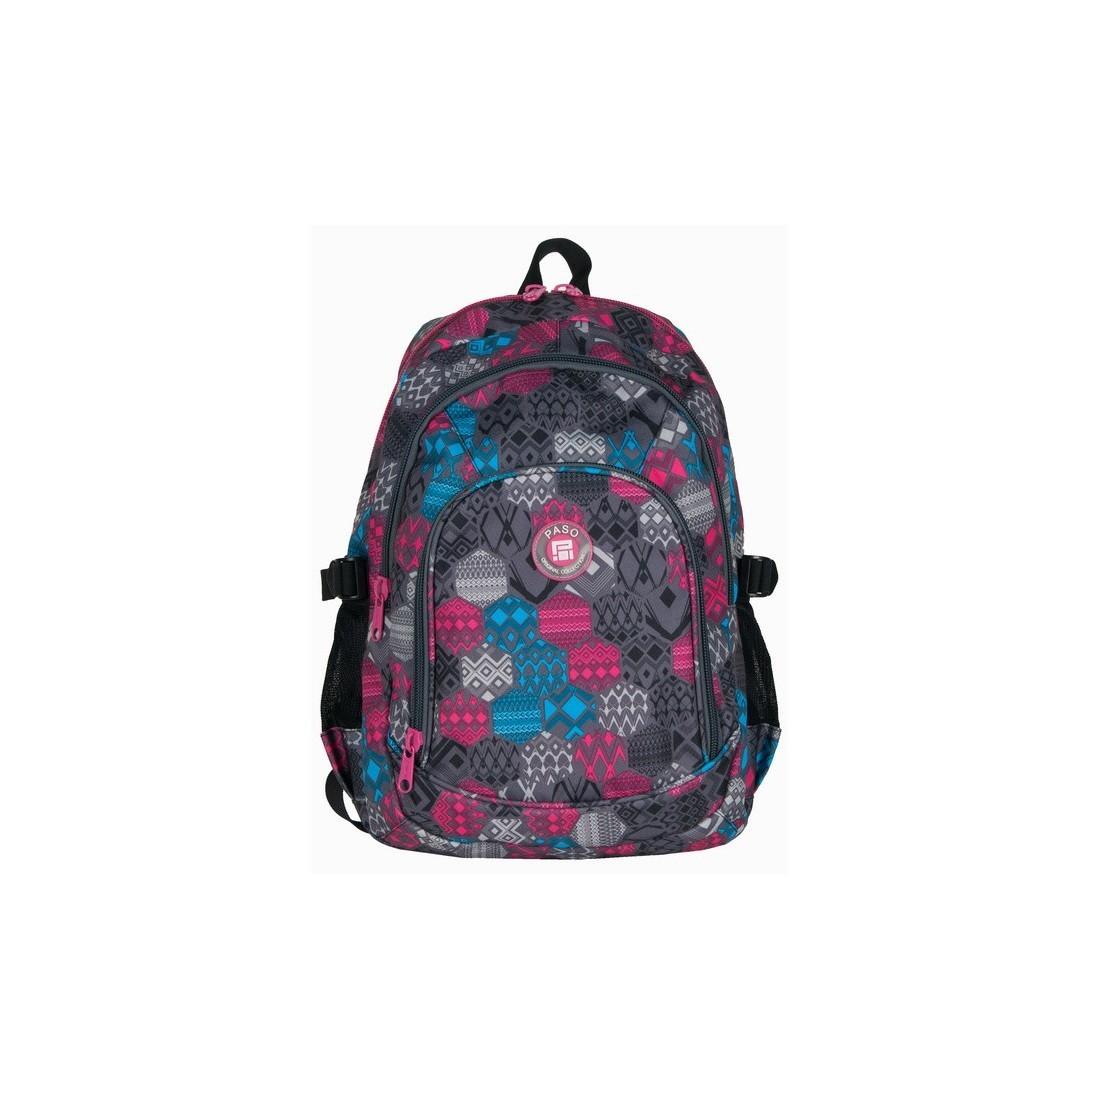 Plecak młodzieżowy w kolorowe figury - plecak-tornister.pl